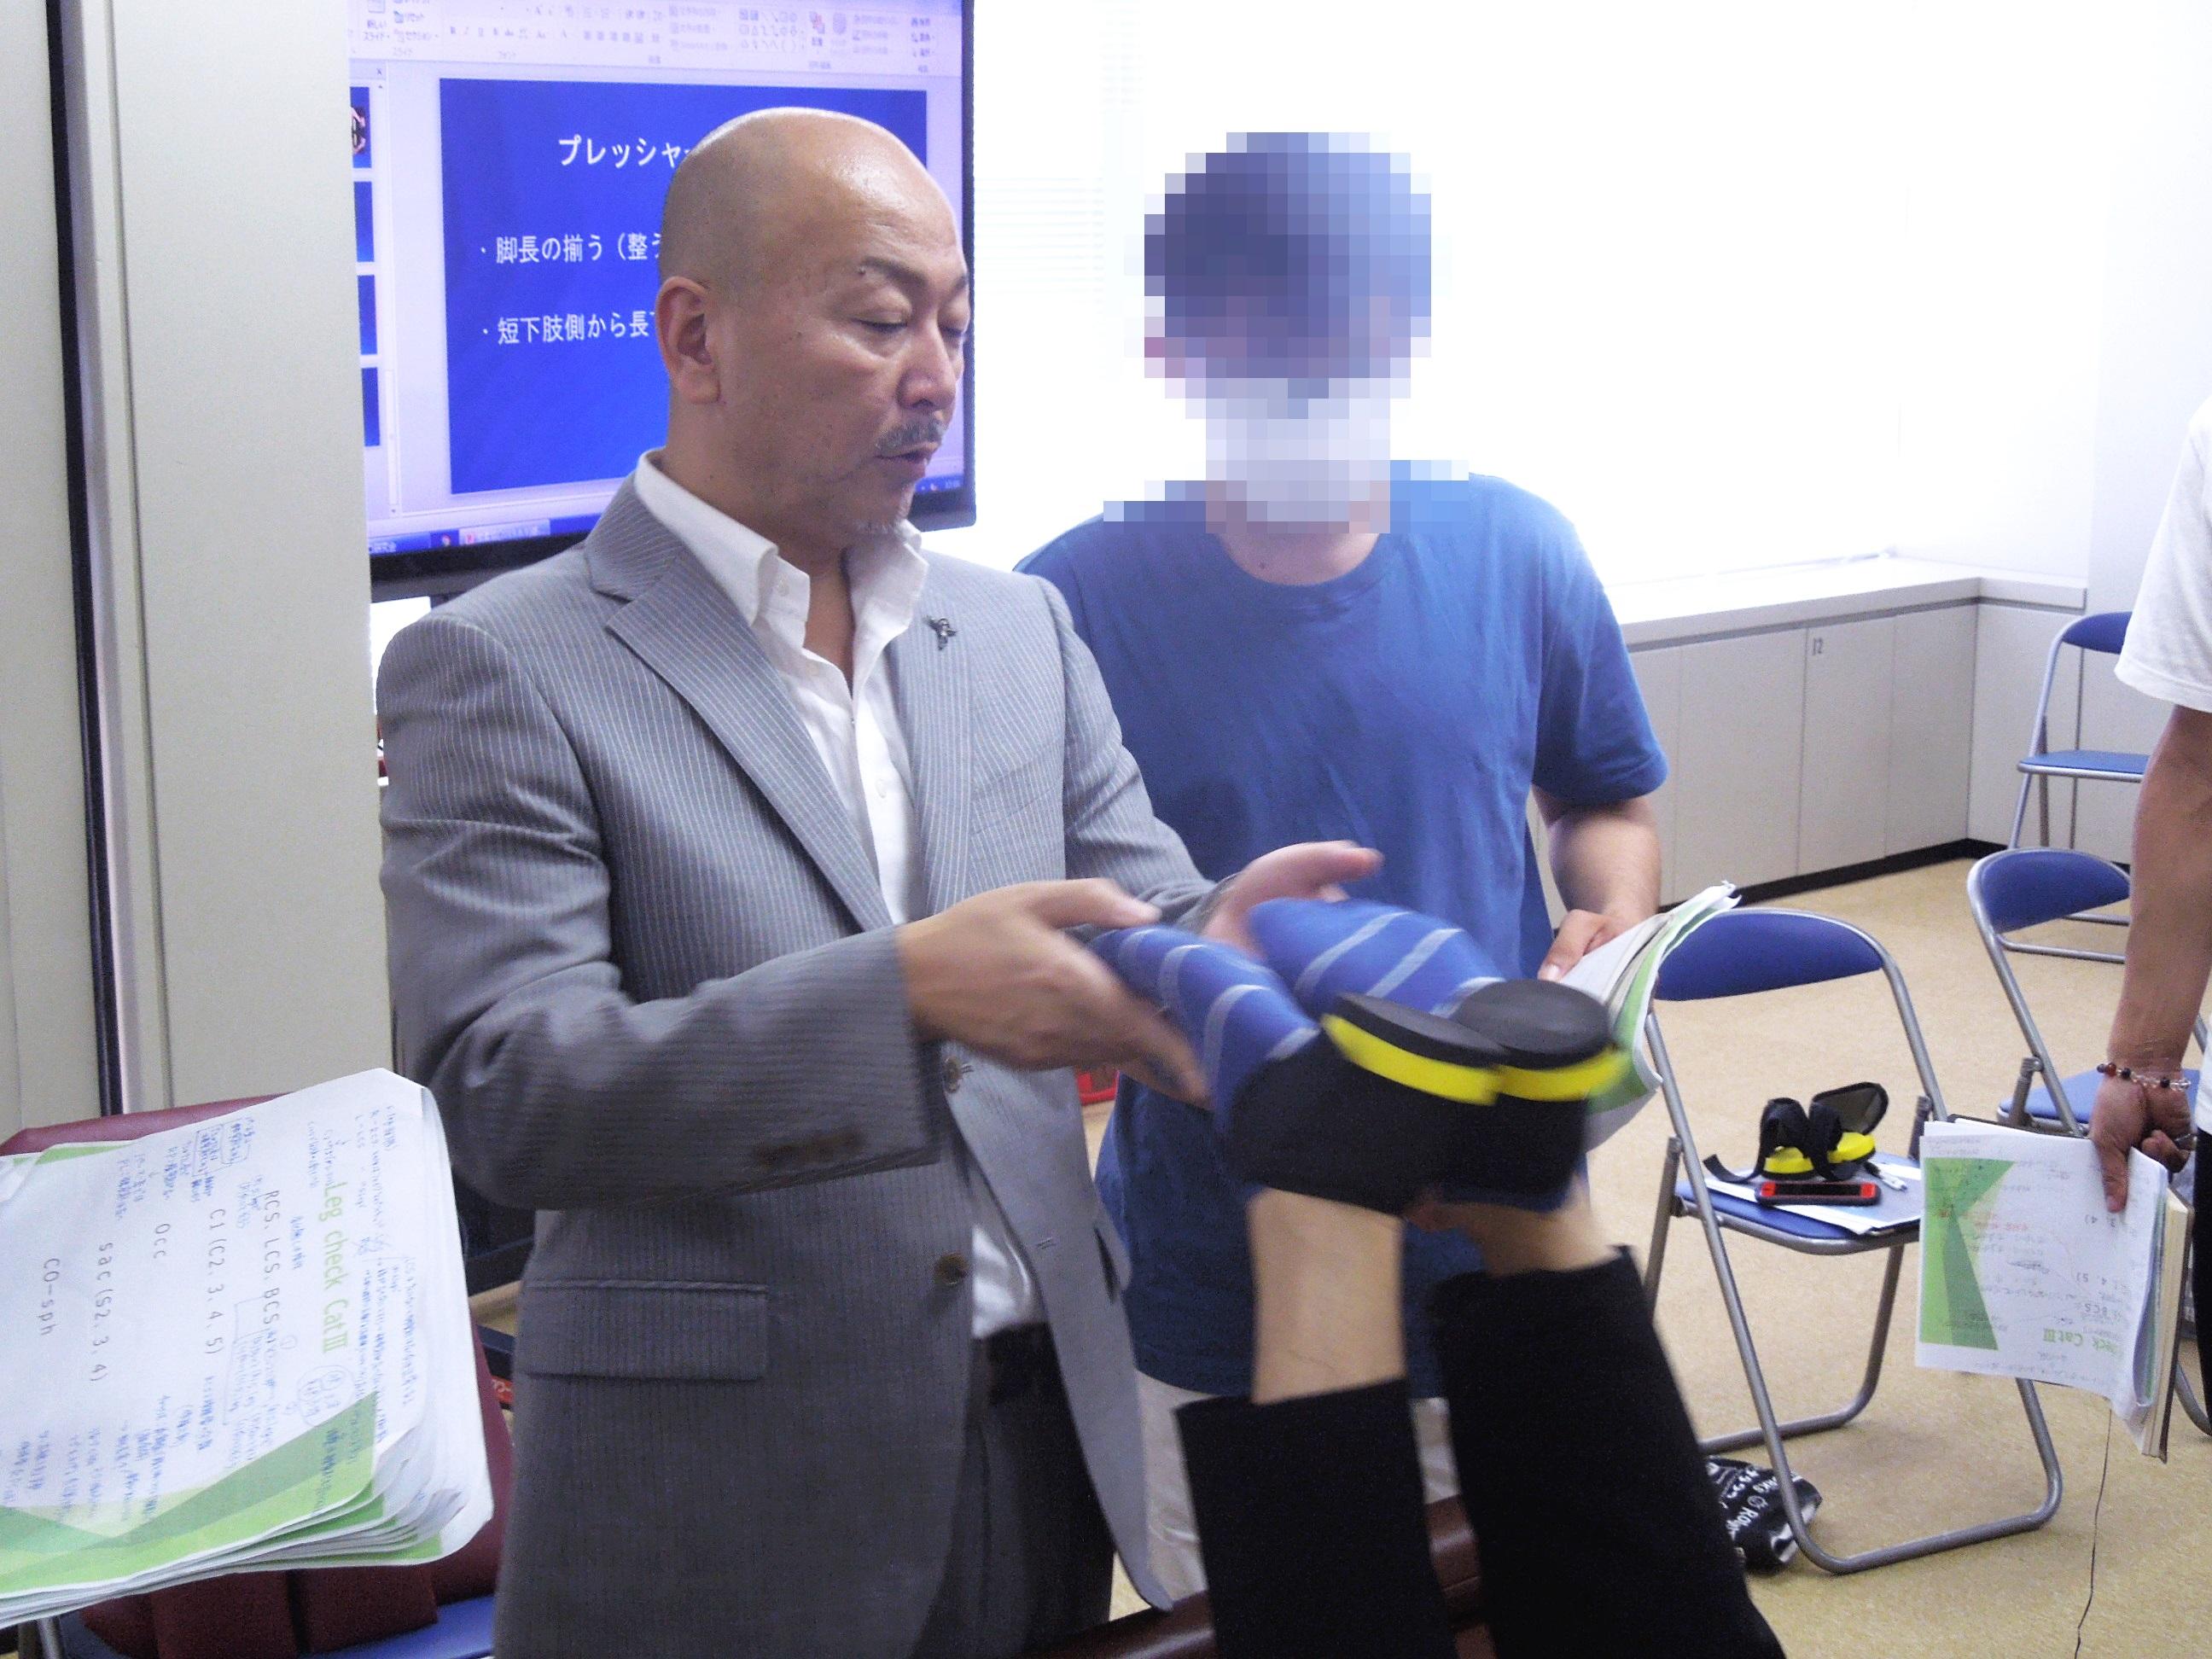 R01.9.8『H.M.T(ハイブリッド・メソッド・テクニック)アイソレーションテスト(四肢)検査、矯正法』(大阪)